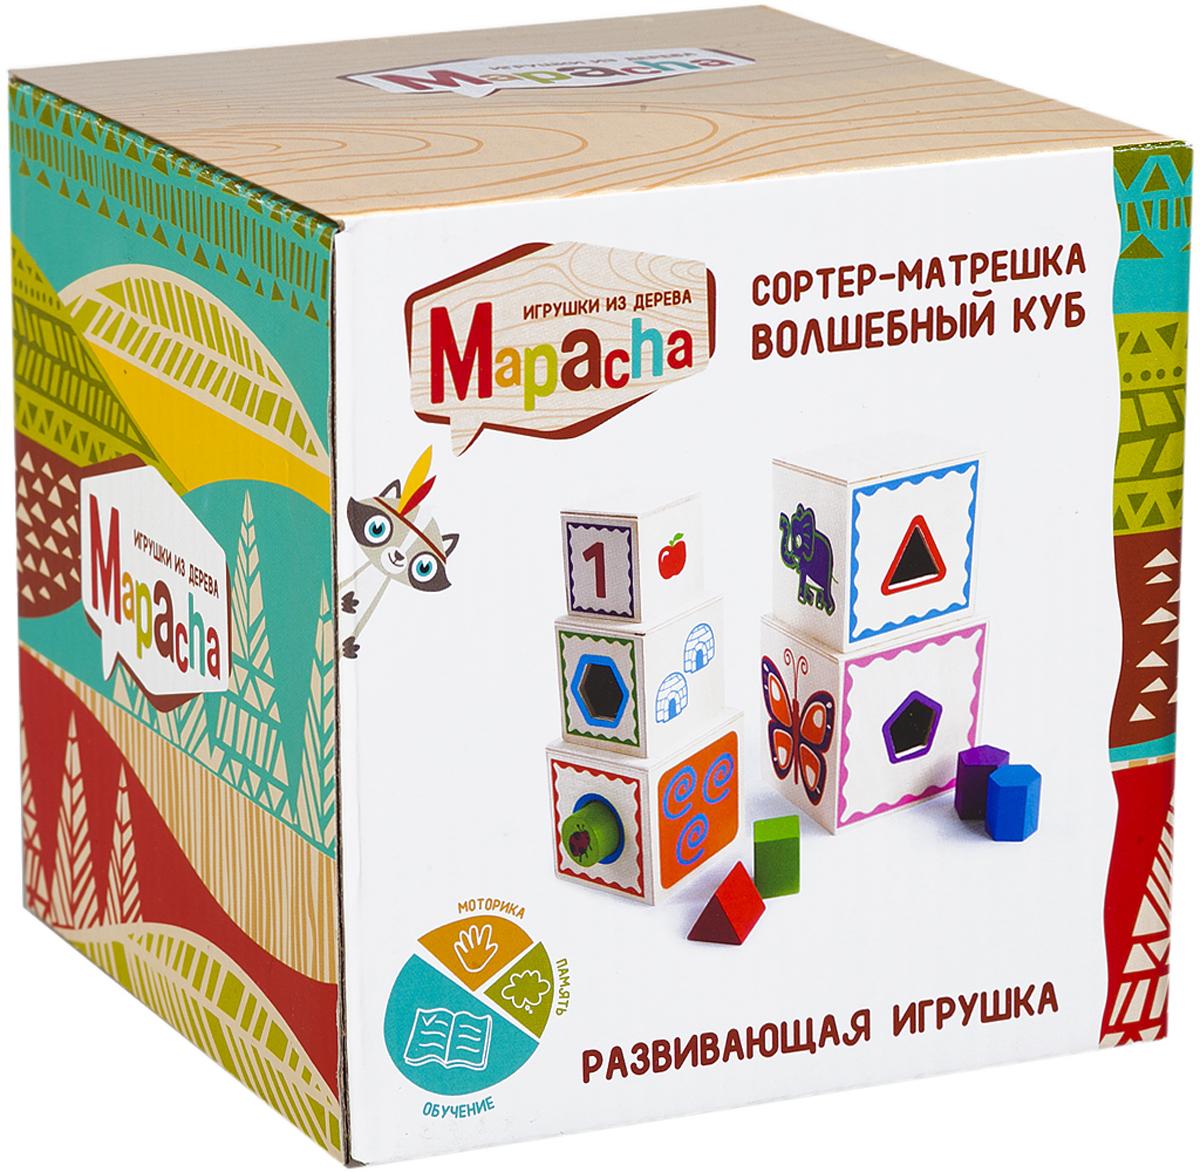 Mapacha Обучающая игра Сортер-матрешка Волшебный куб цена